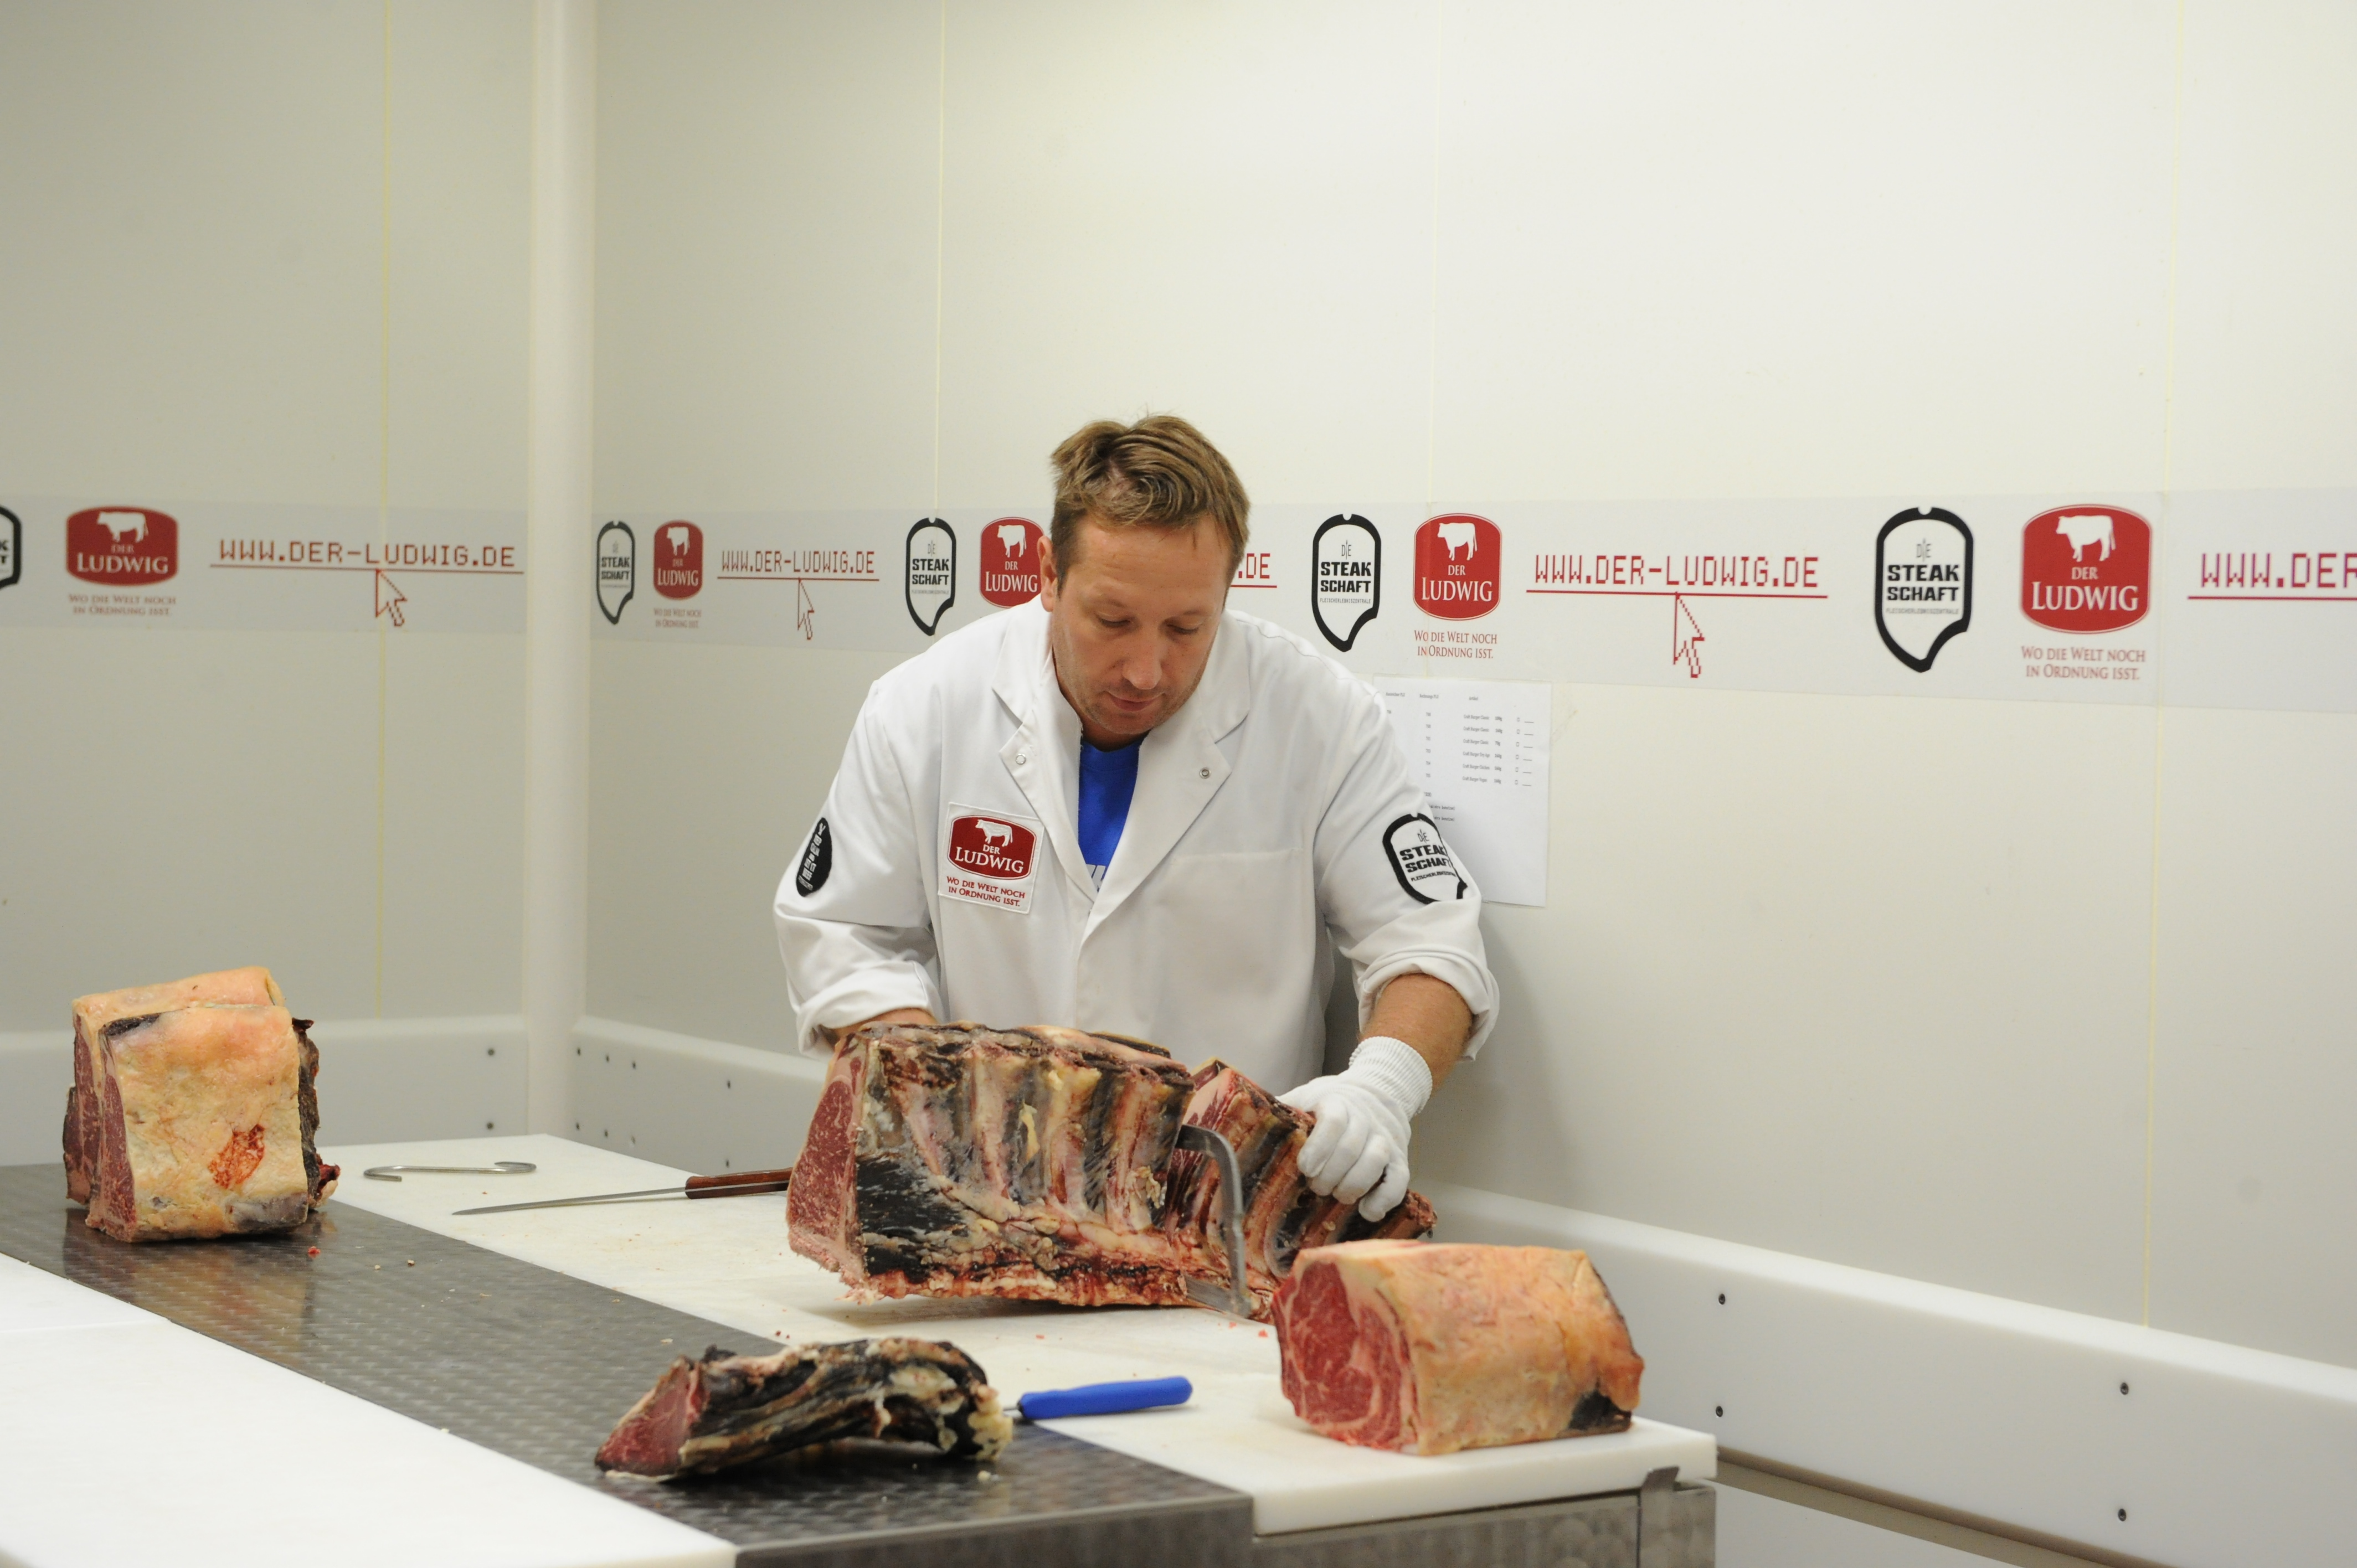 Dirk Ludwig beim zerlegen eines Dry Aged Rinderrückens